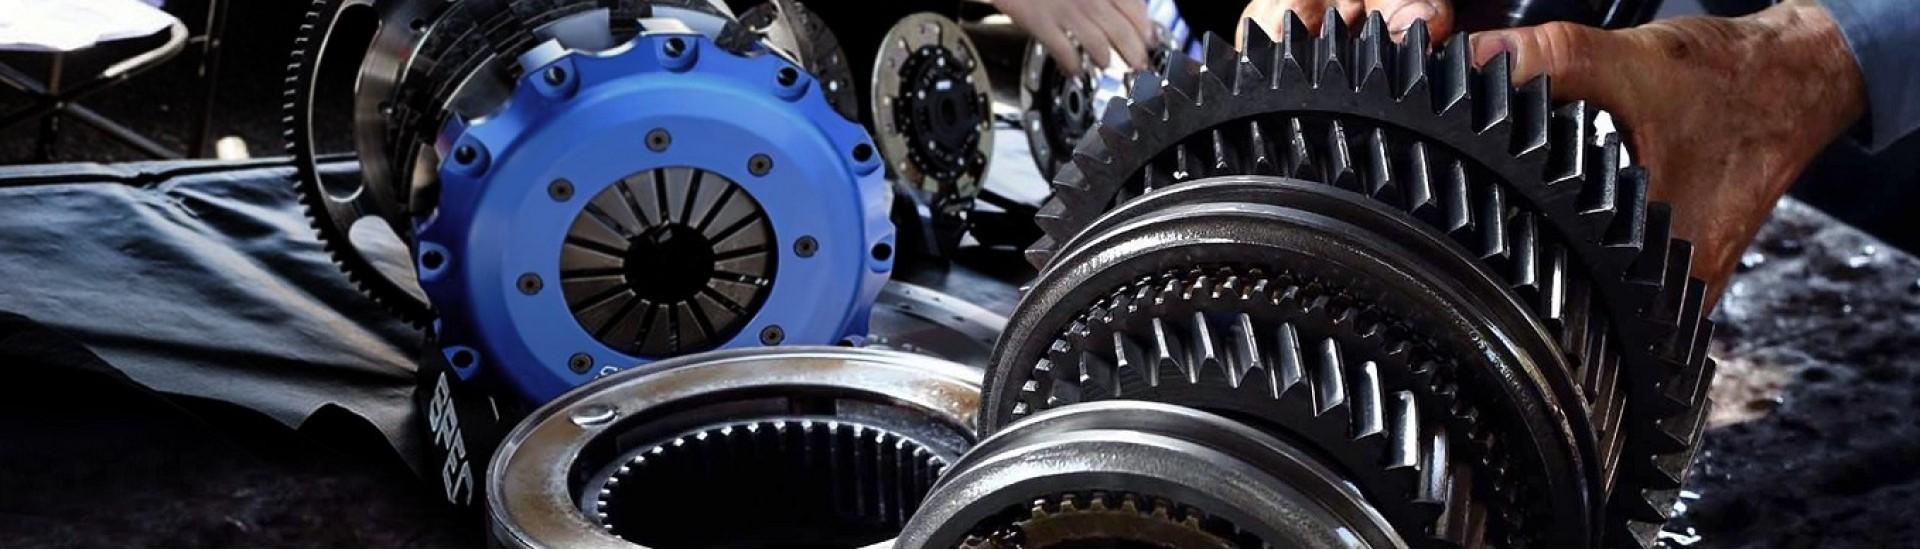 قطعات گیربکس اسپرت ، performance transmission parts